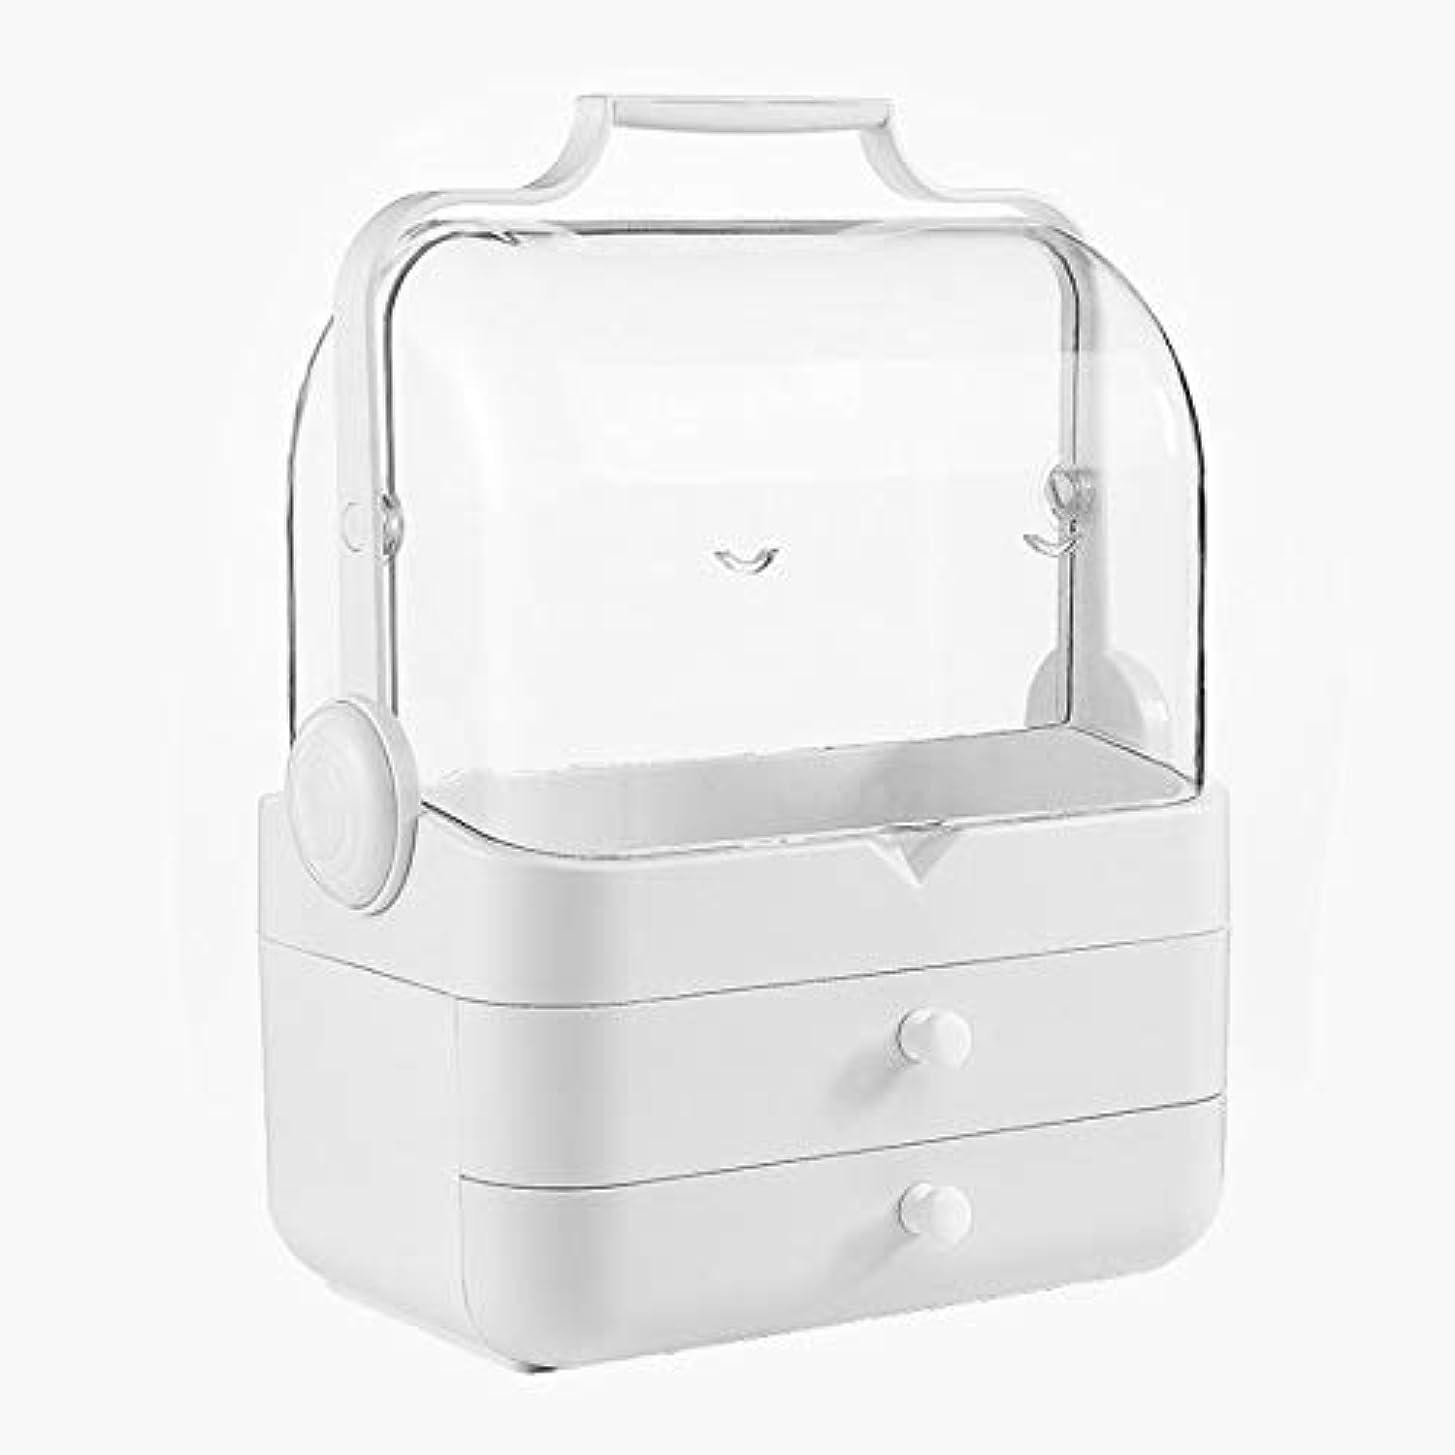 テレビ愛国的な宇宙飛行士化粧箱、白い大容量フリップ防塵化粧品ケース、ポータブル旅行化粧品ケース、美容ネイルジュエリー収納ボックス